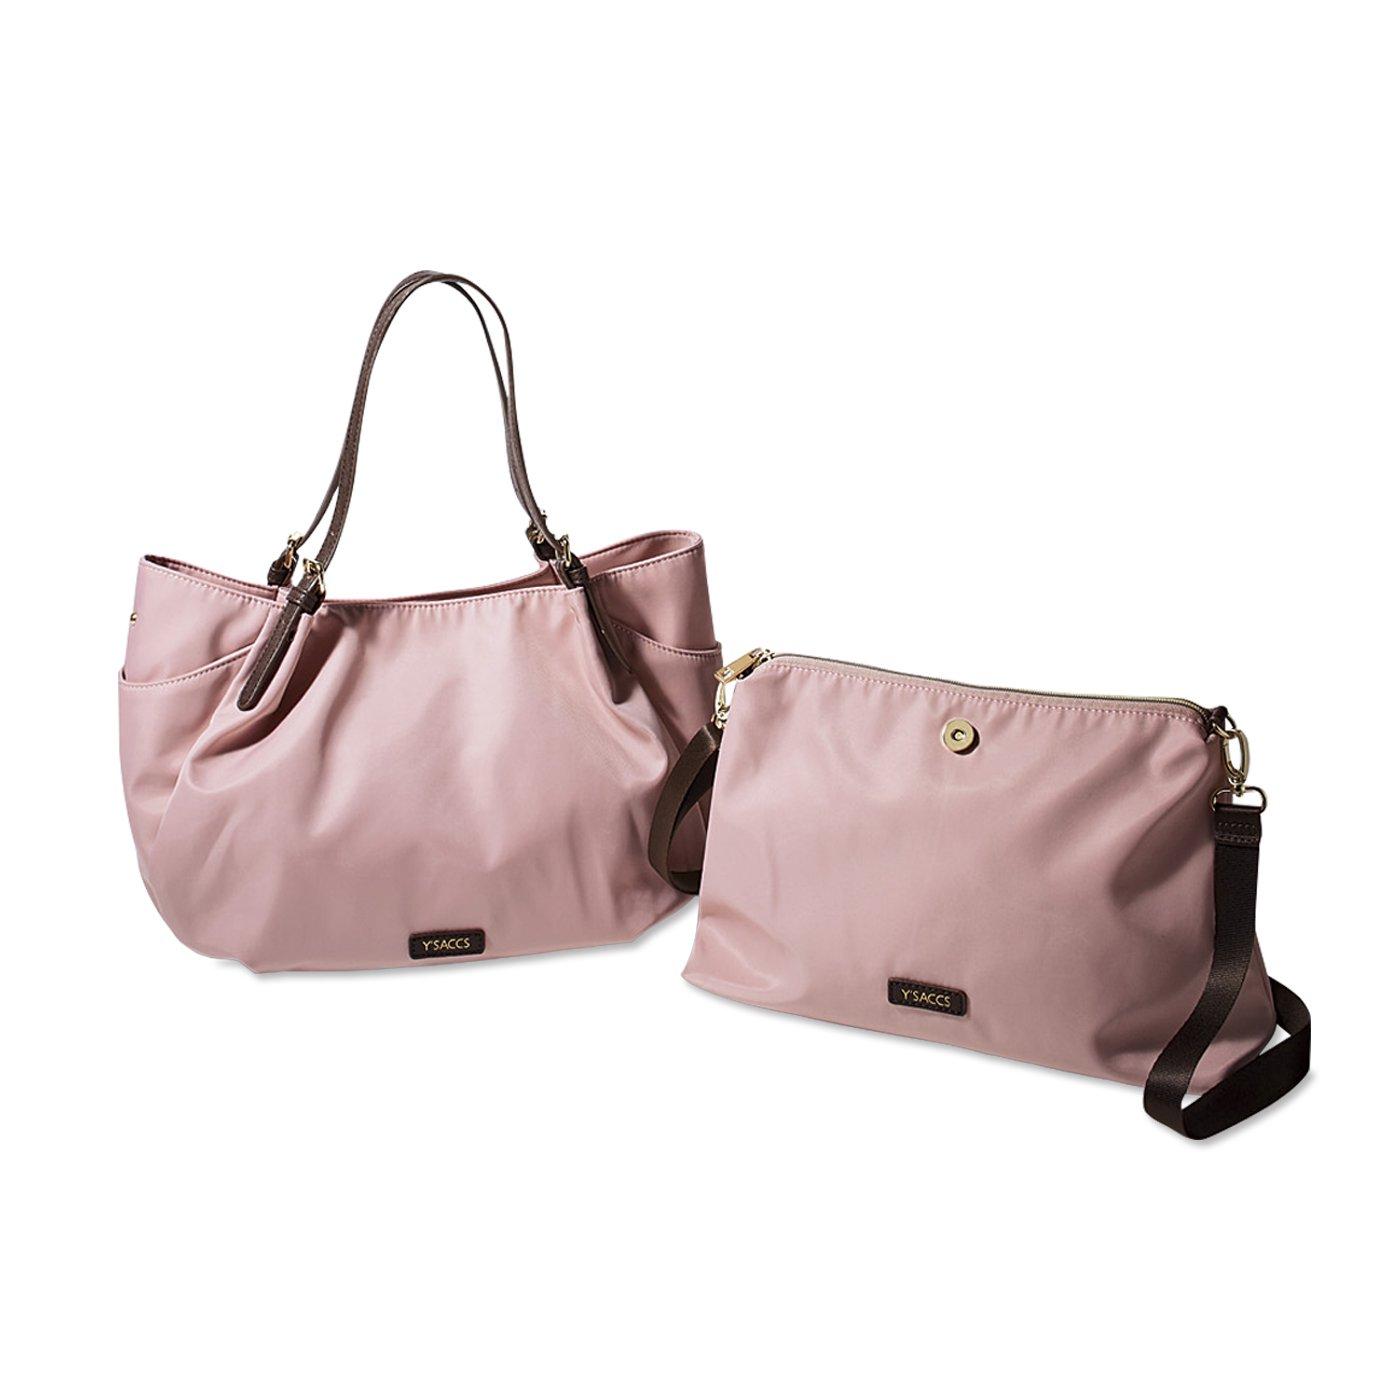 Y'SACCS×IEDIT コーディネイトを華やかにする親子バッグ〈ピンク〉